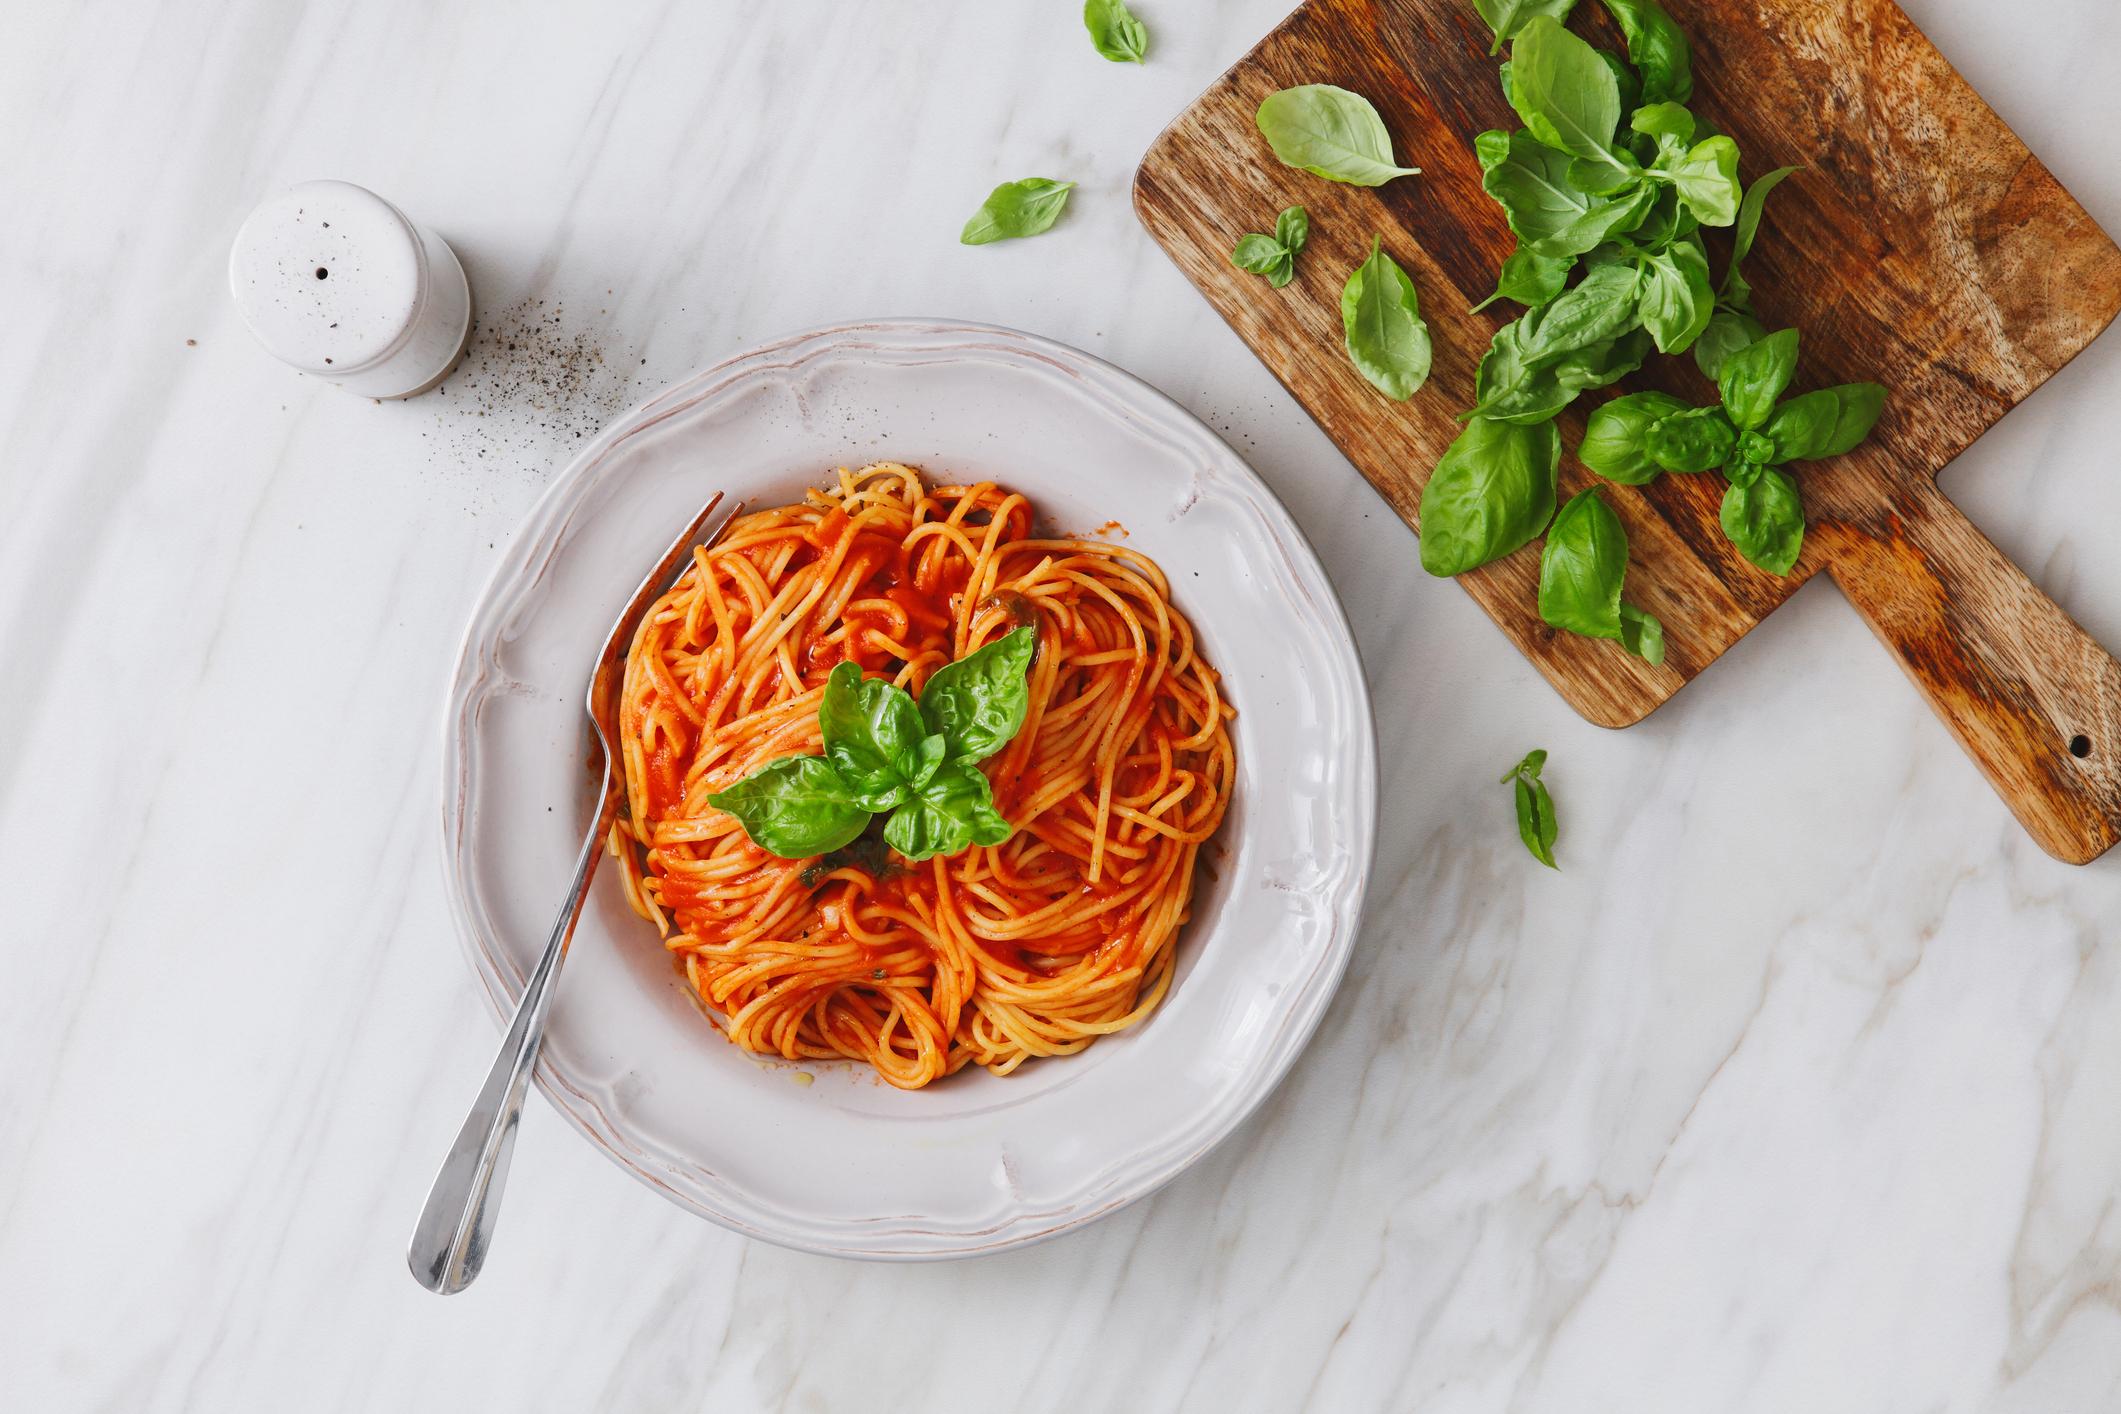 spaghetti à la sauce tomate, un des plats du régime sans sucre.